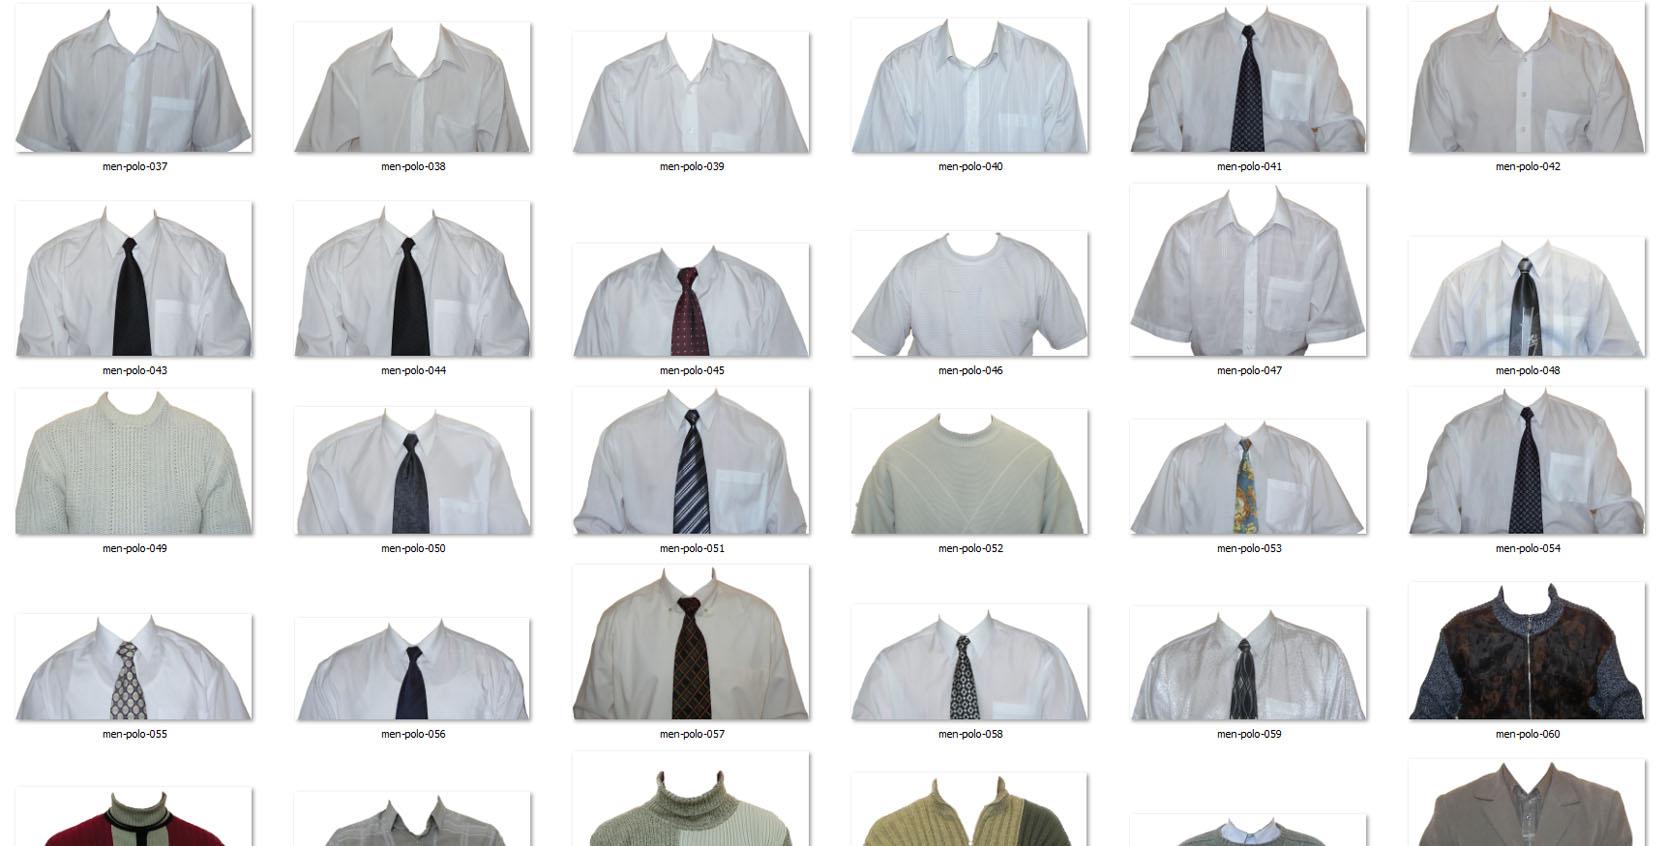 Большая коллекция мужских рубашек в png